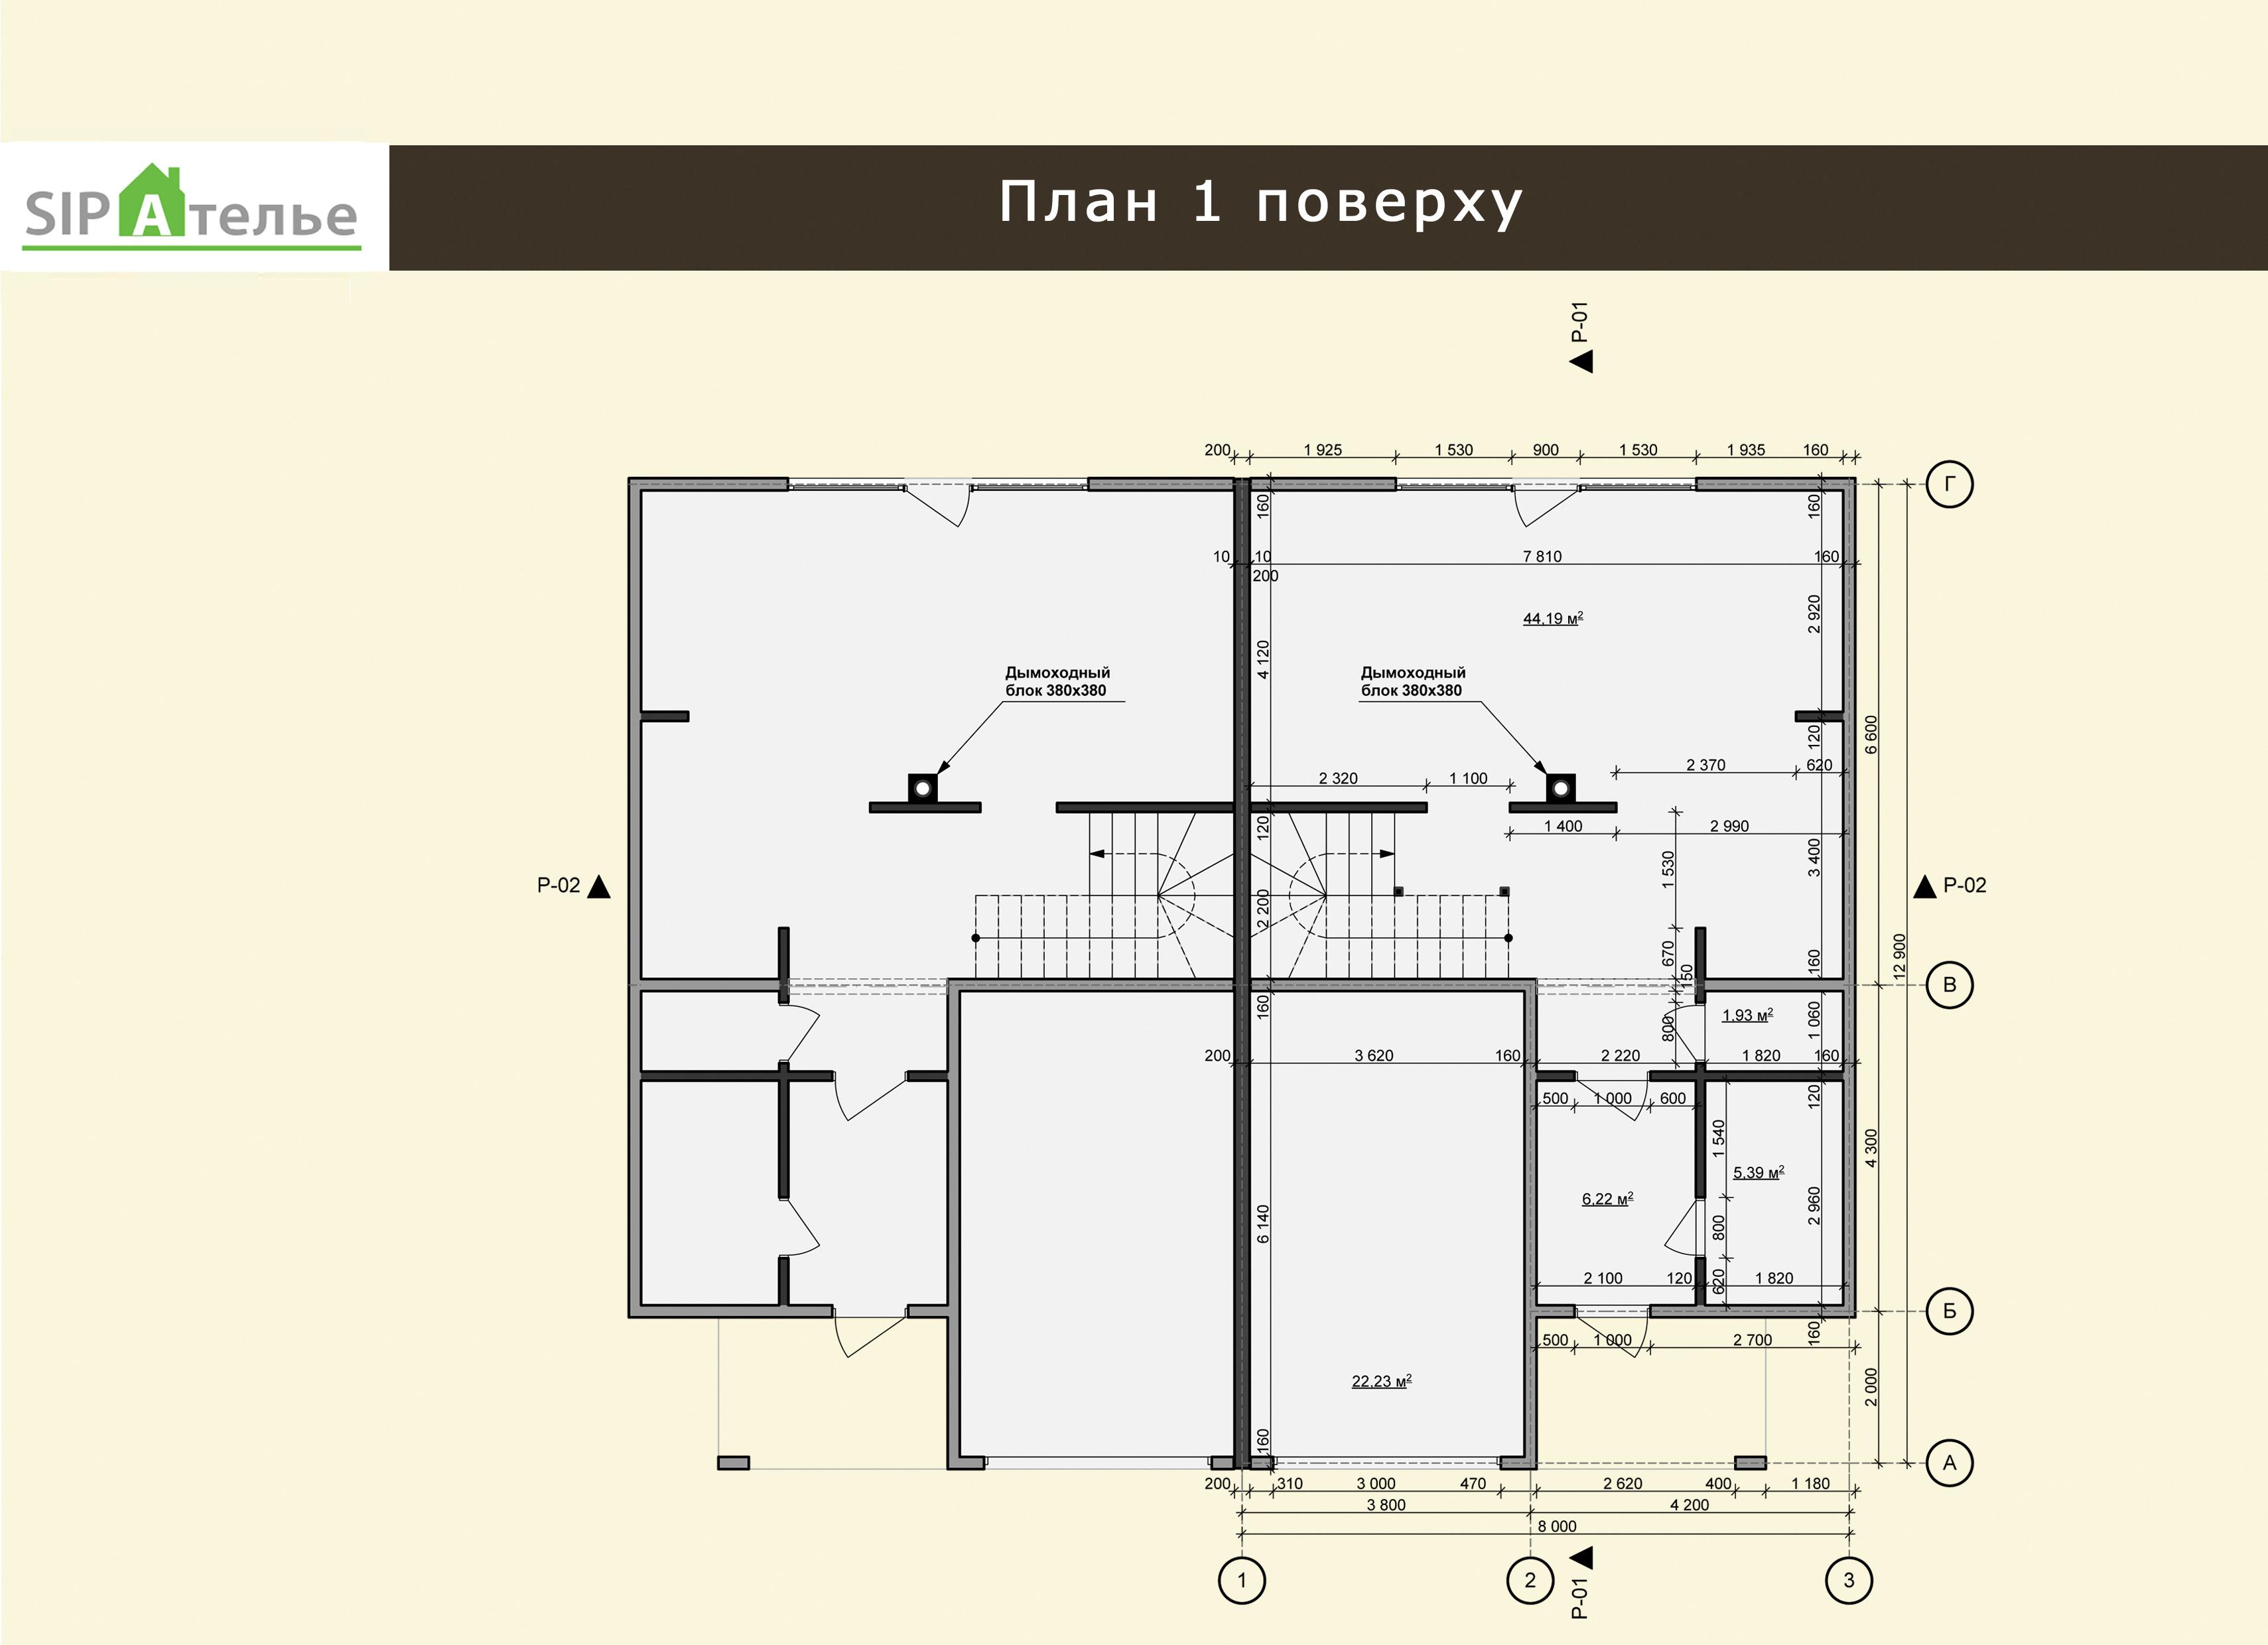 Планировка таунхауса Кьольн из сип панелей 167,5 М